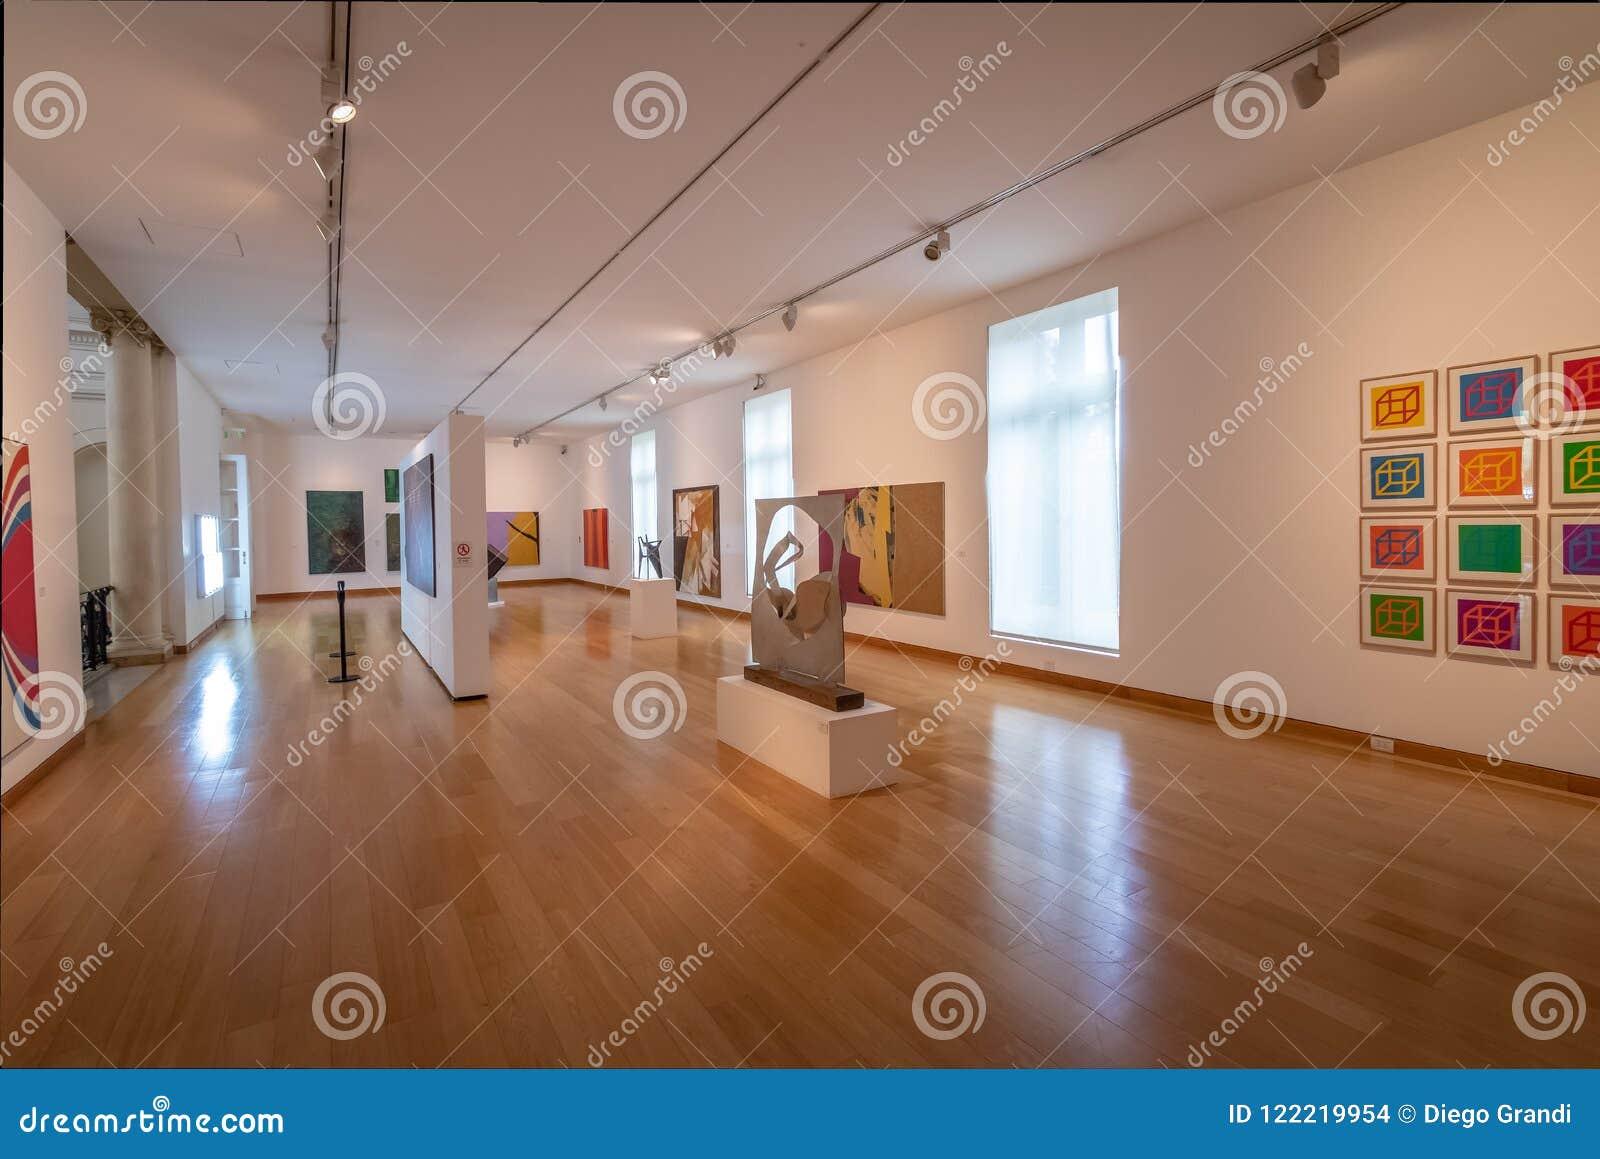 Palacio Ferreyra - Evita Fine Arts Museum Museo Superior de Bellas Artes Evita Interior - Cordoue, Argentine